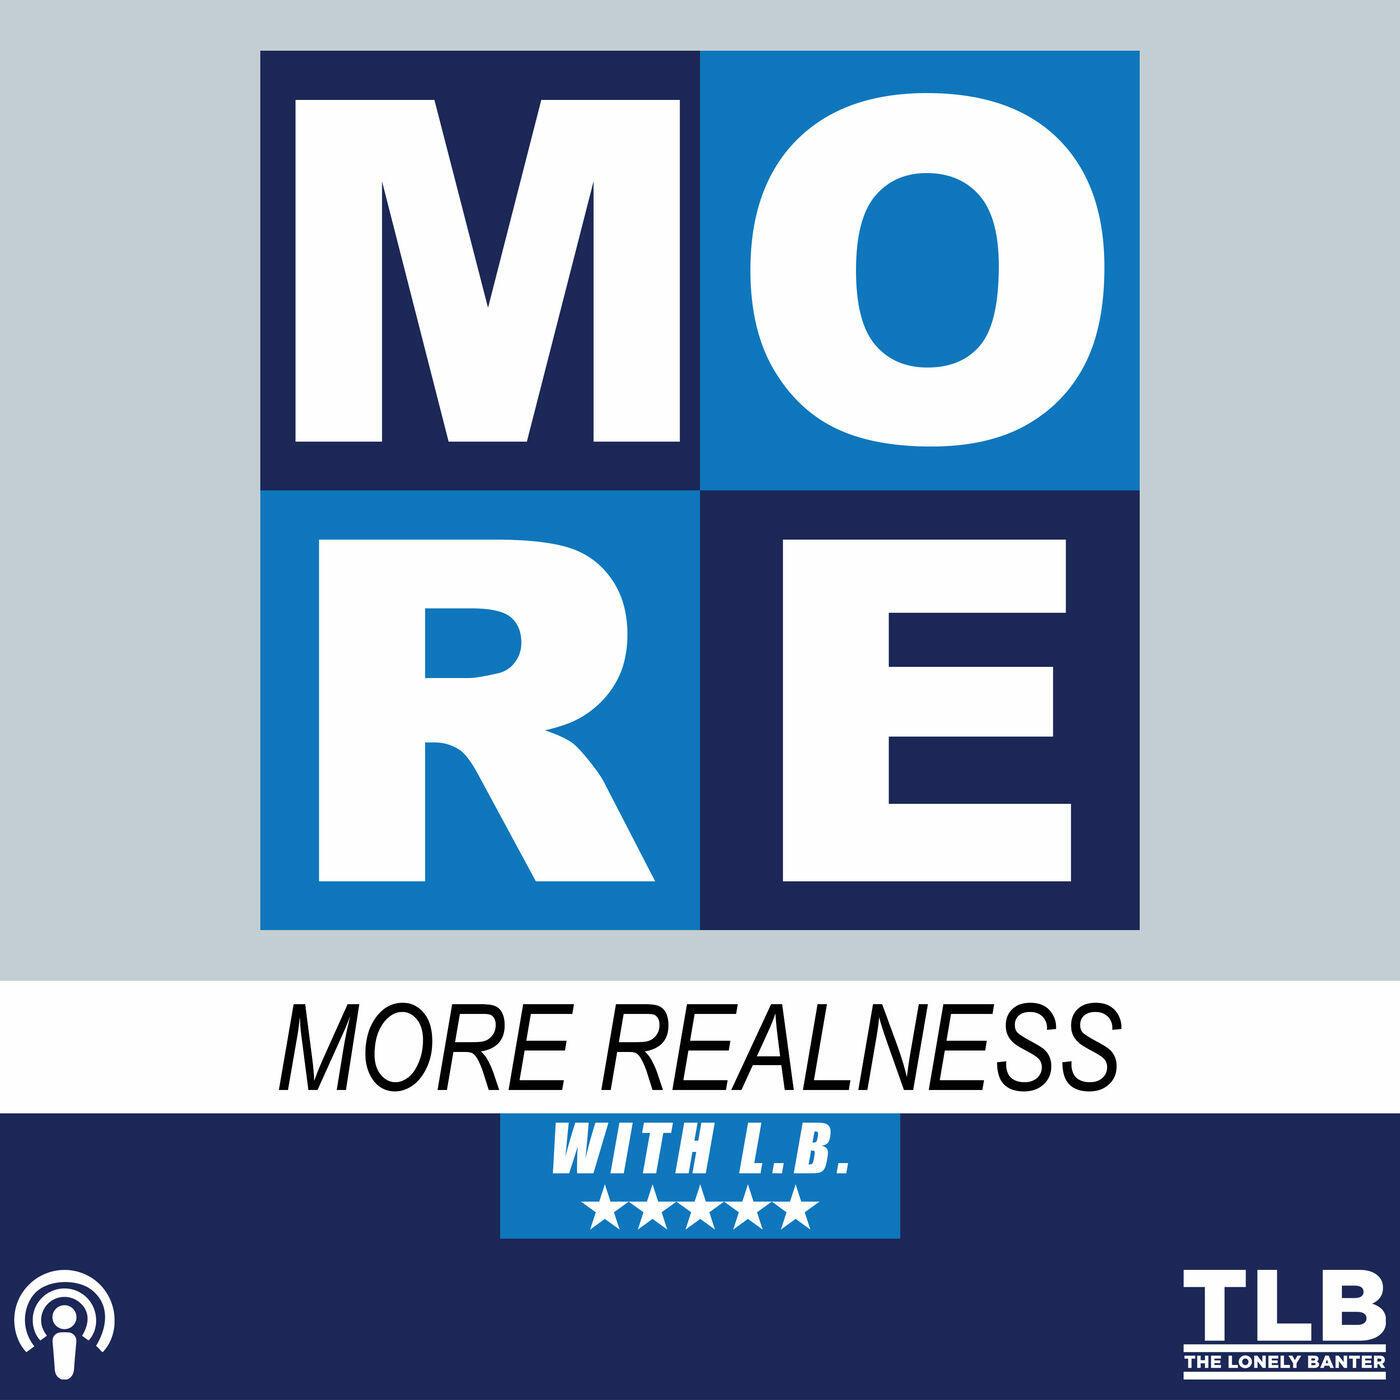 More Realness